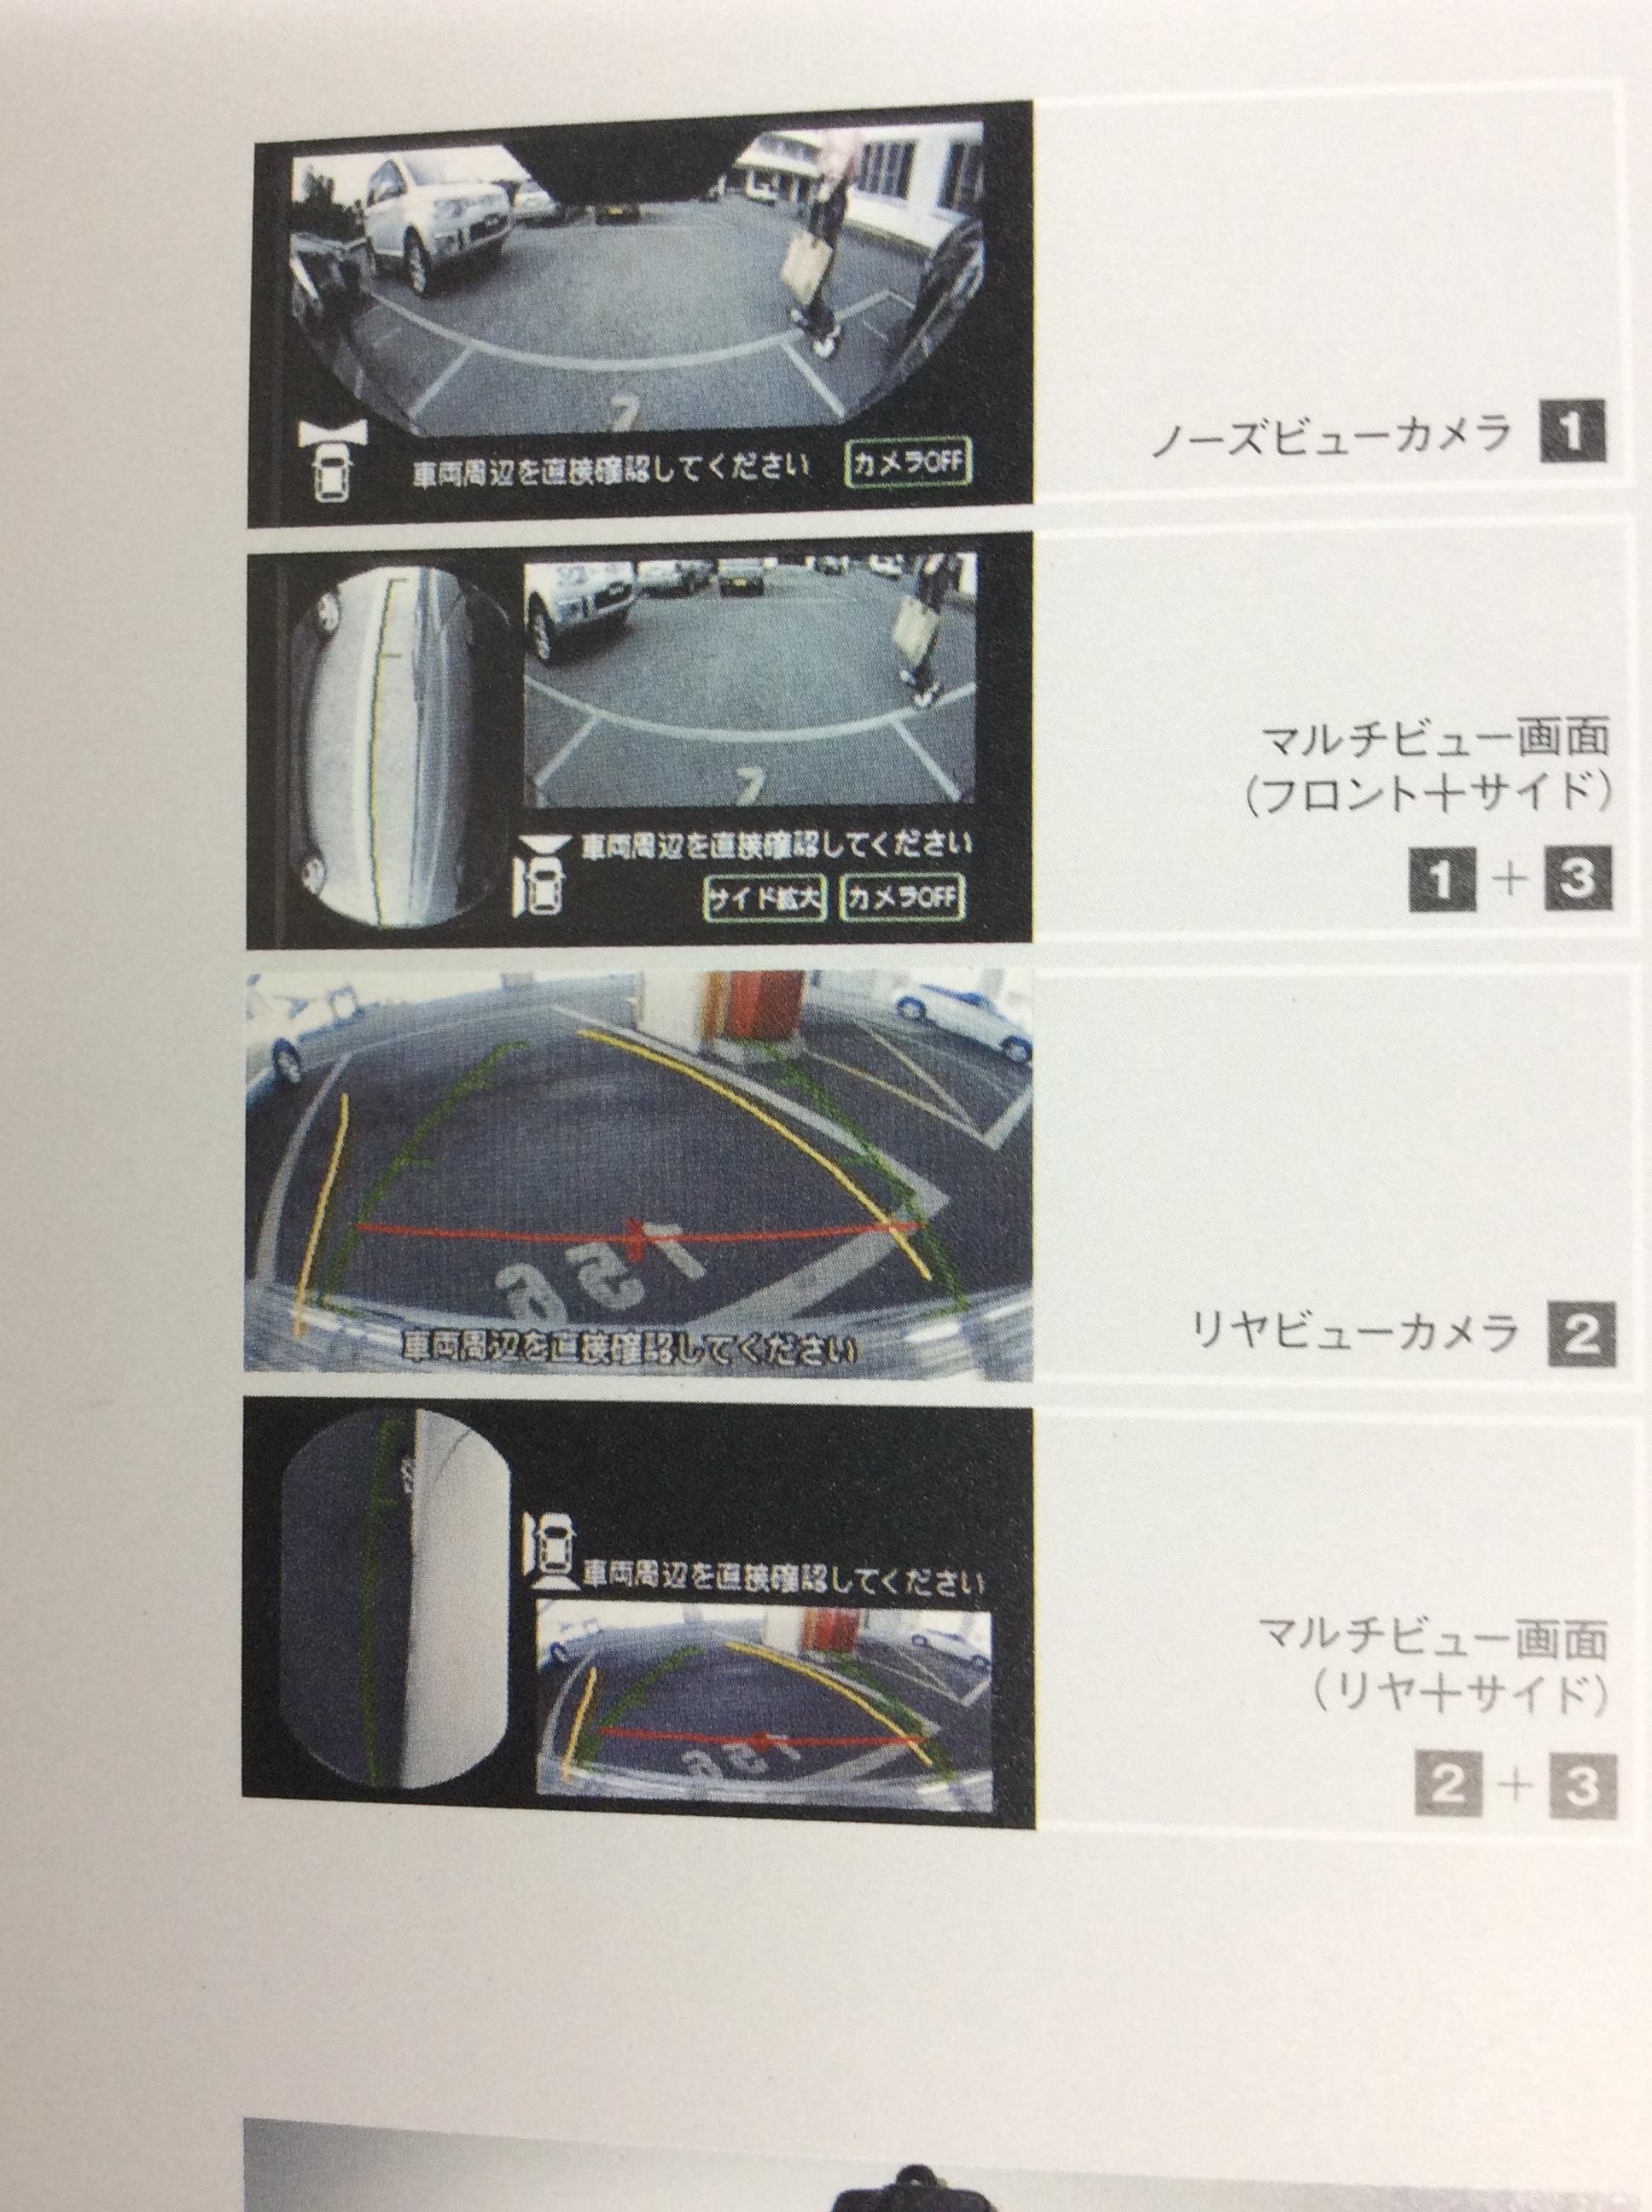 https://www.hyogo-mitsubishi.com/shop/akashi/files/kamera.jpg